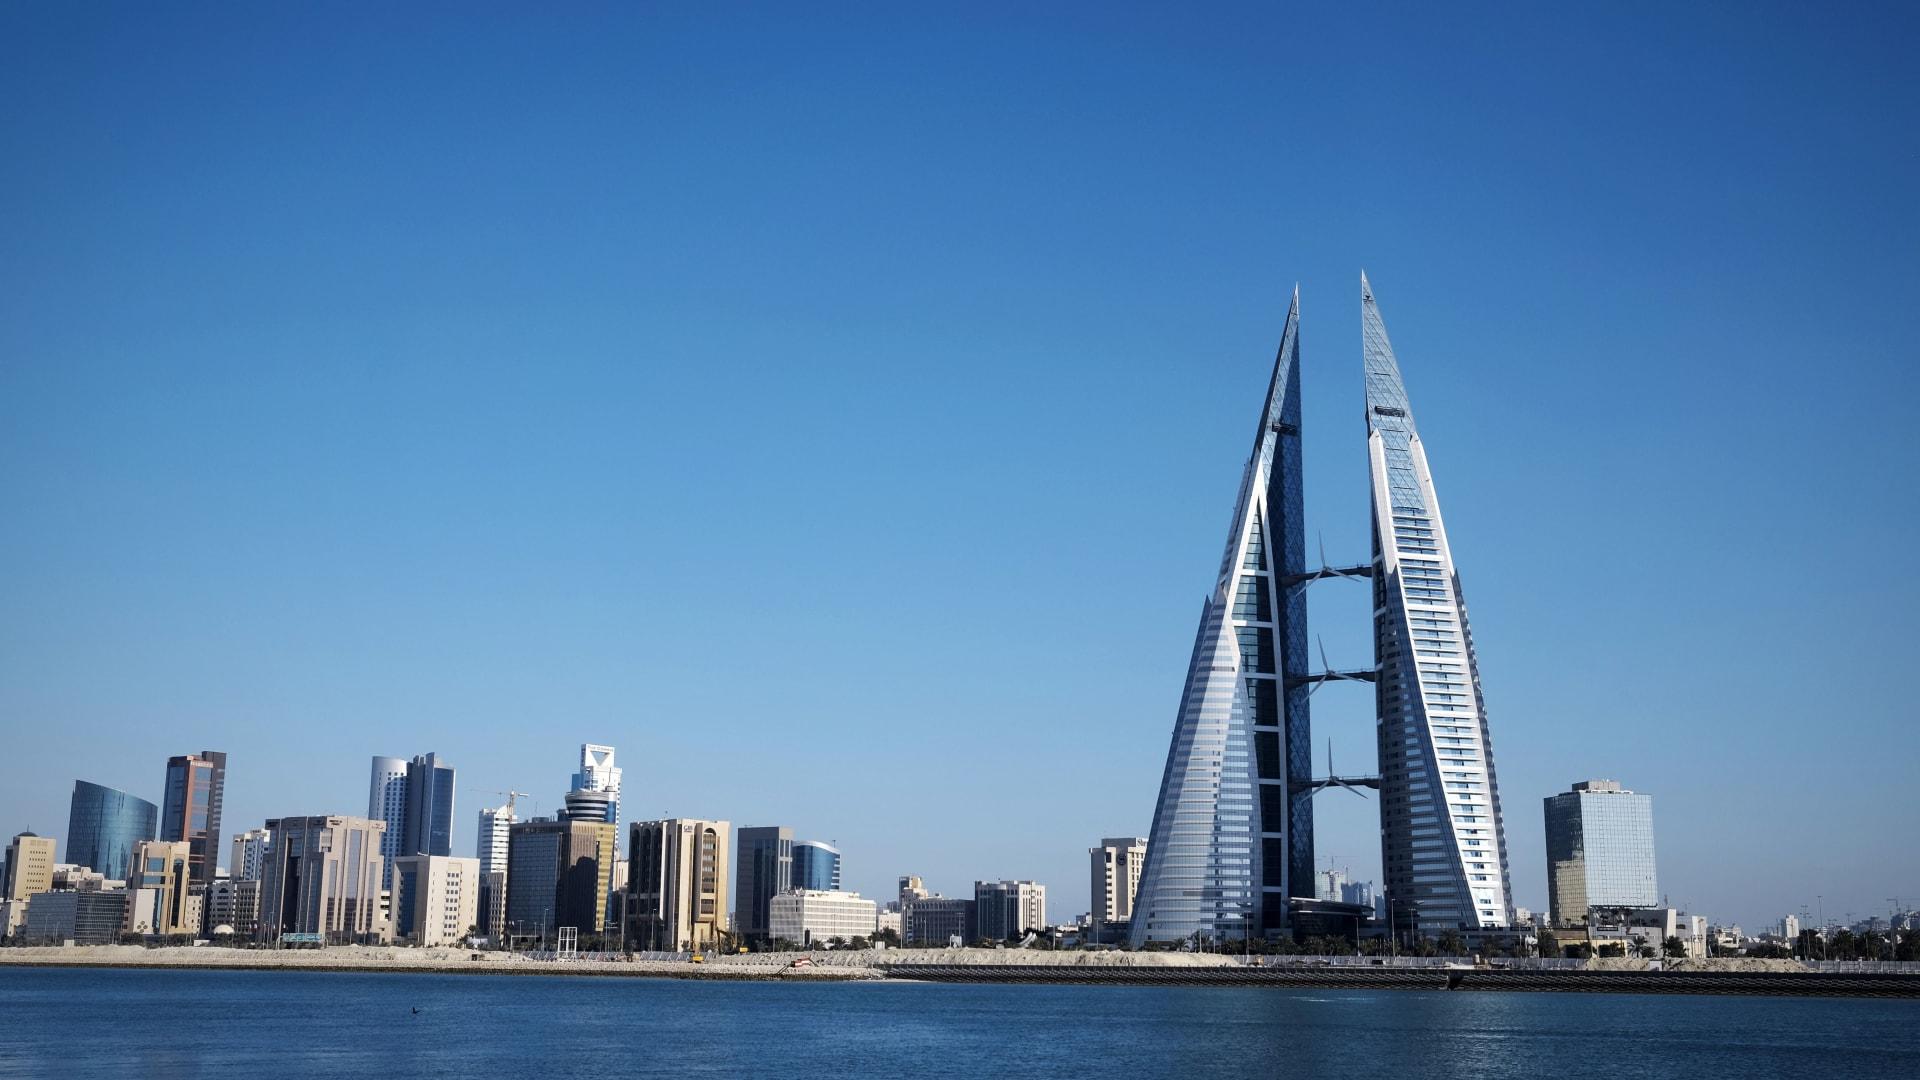 صورة أرشيفية عامة من العاصمة البحرينية المنامة